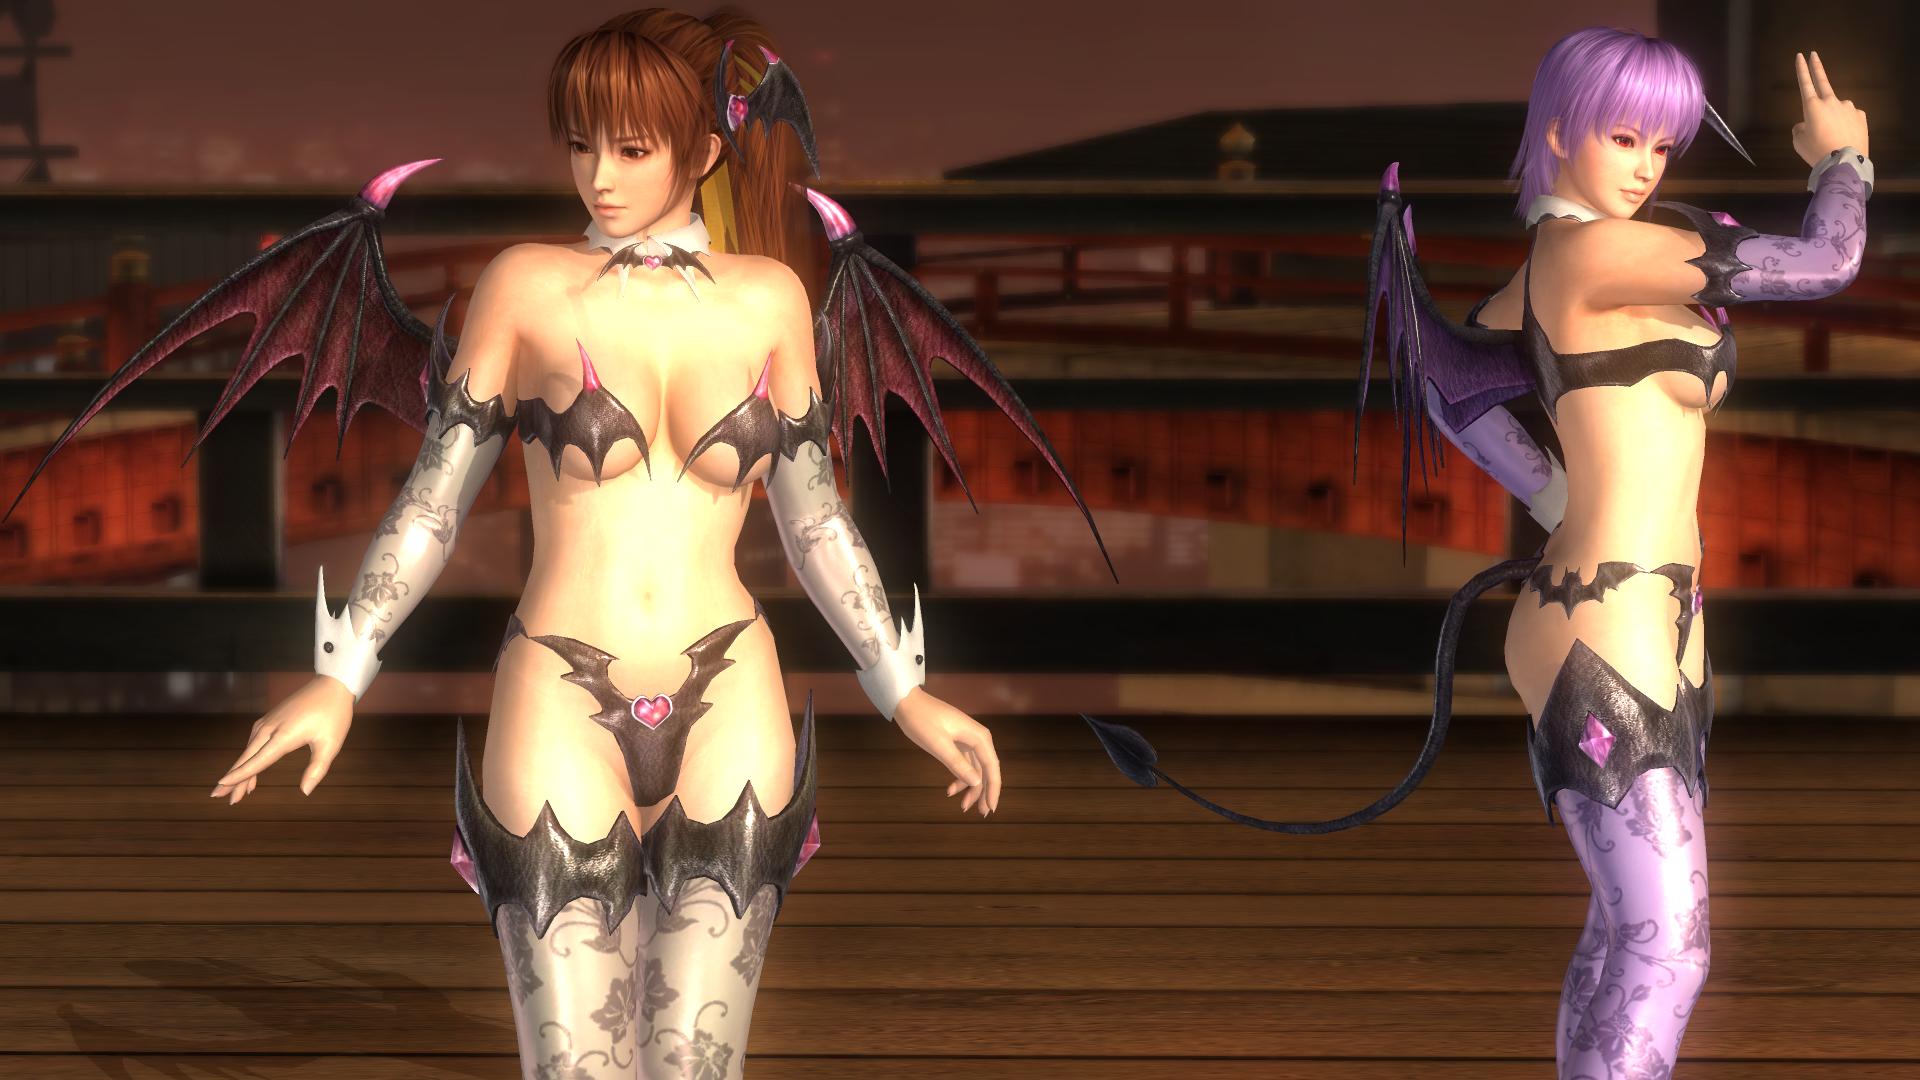 Doa xbv desnudo mod